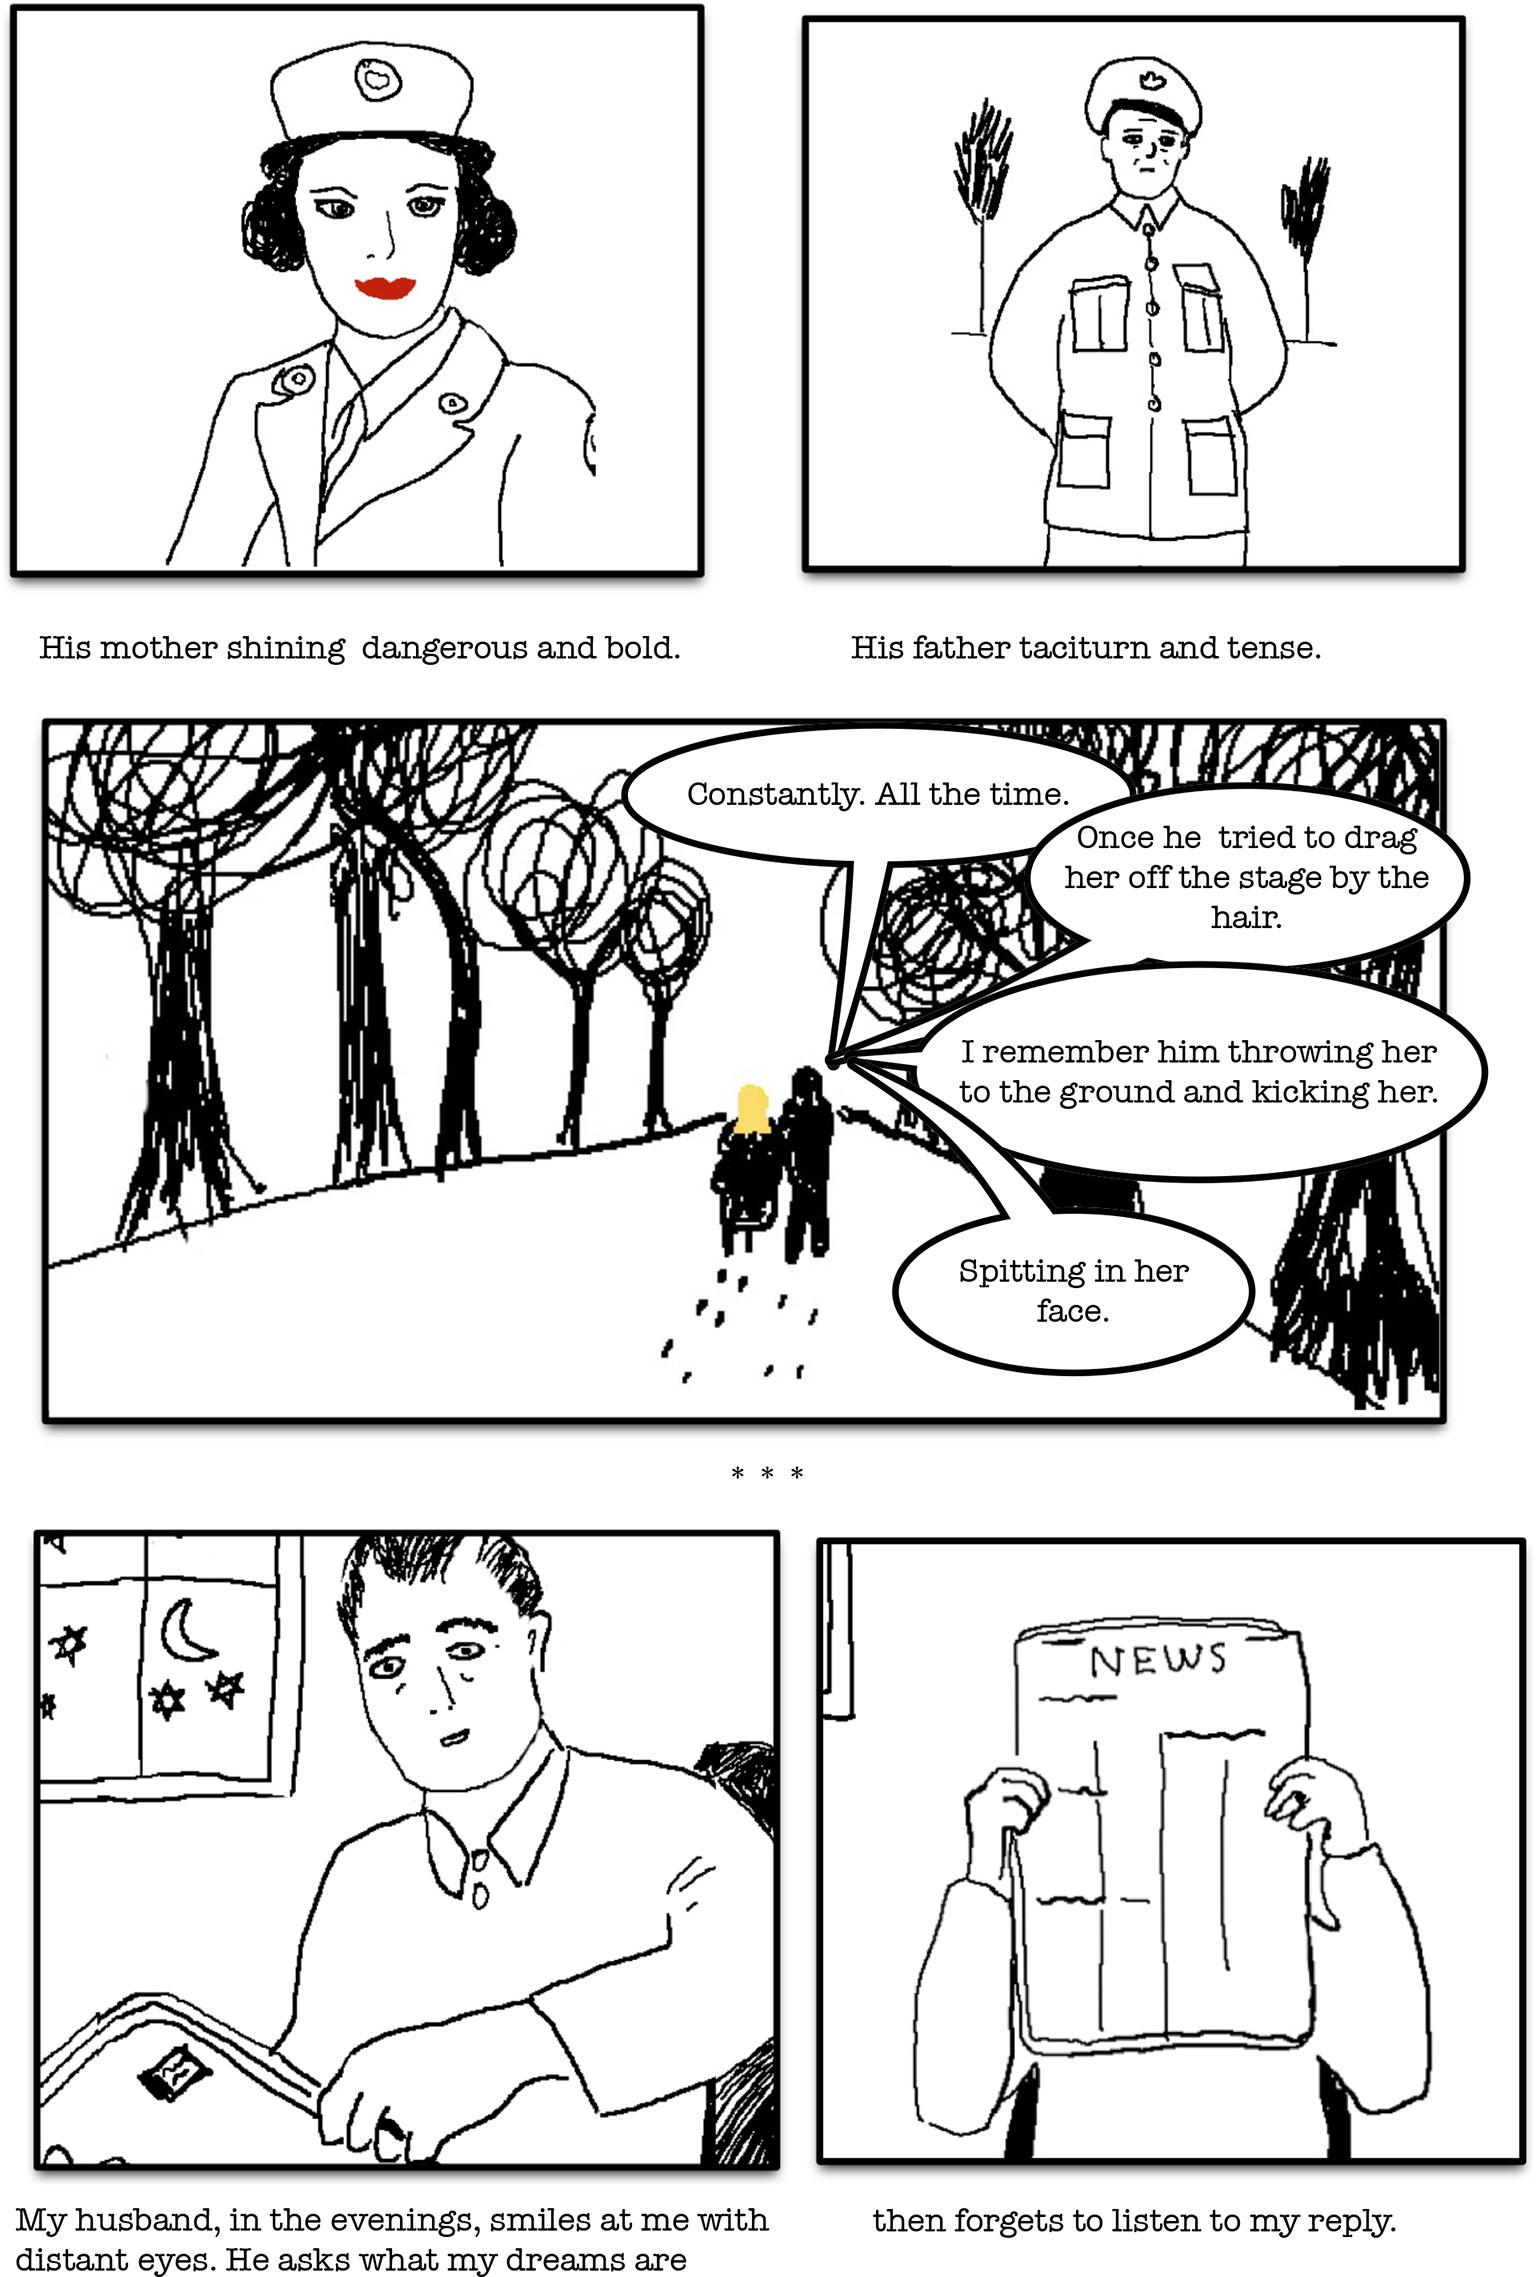 Comic by Velvet Haney